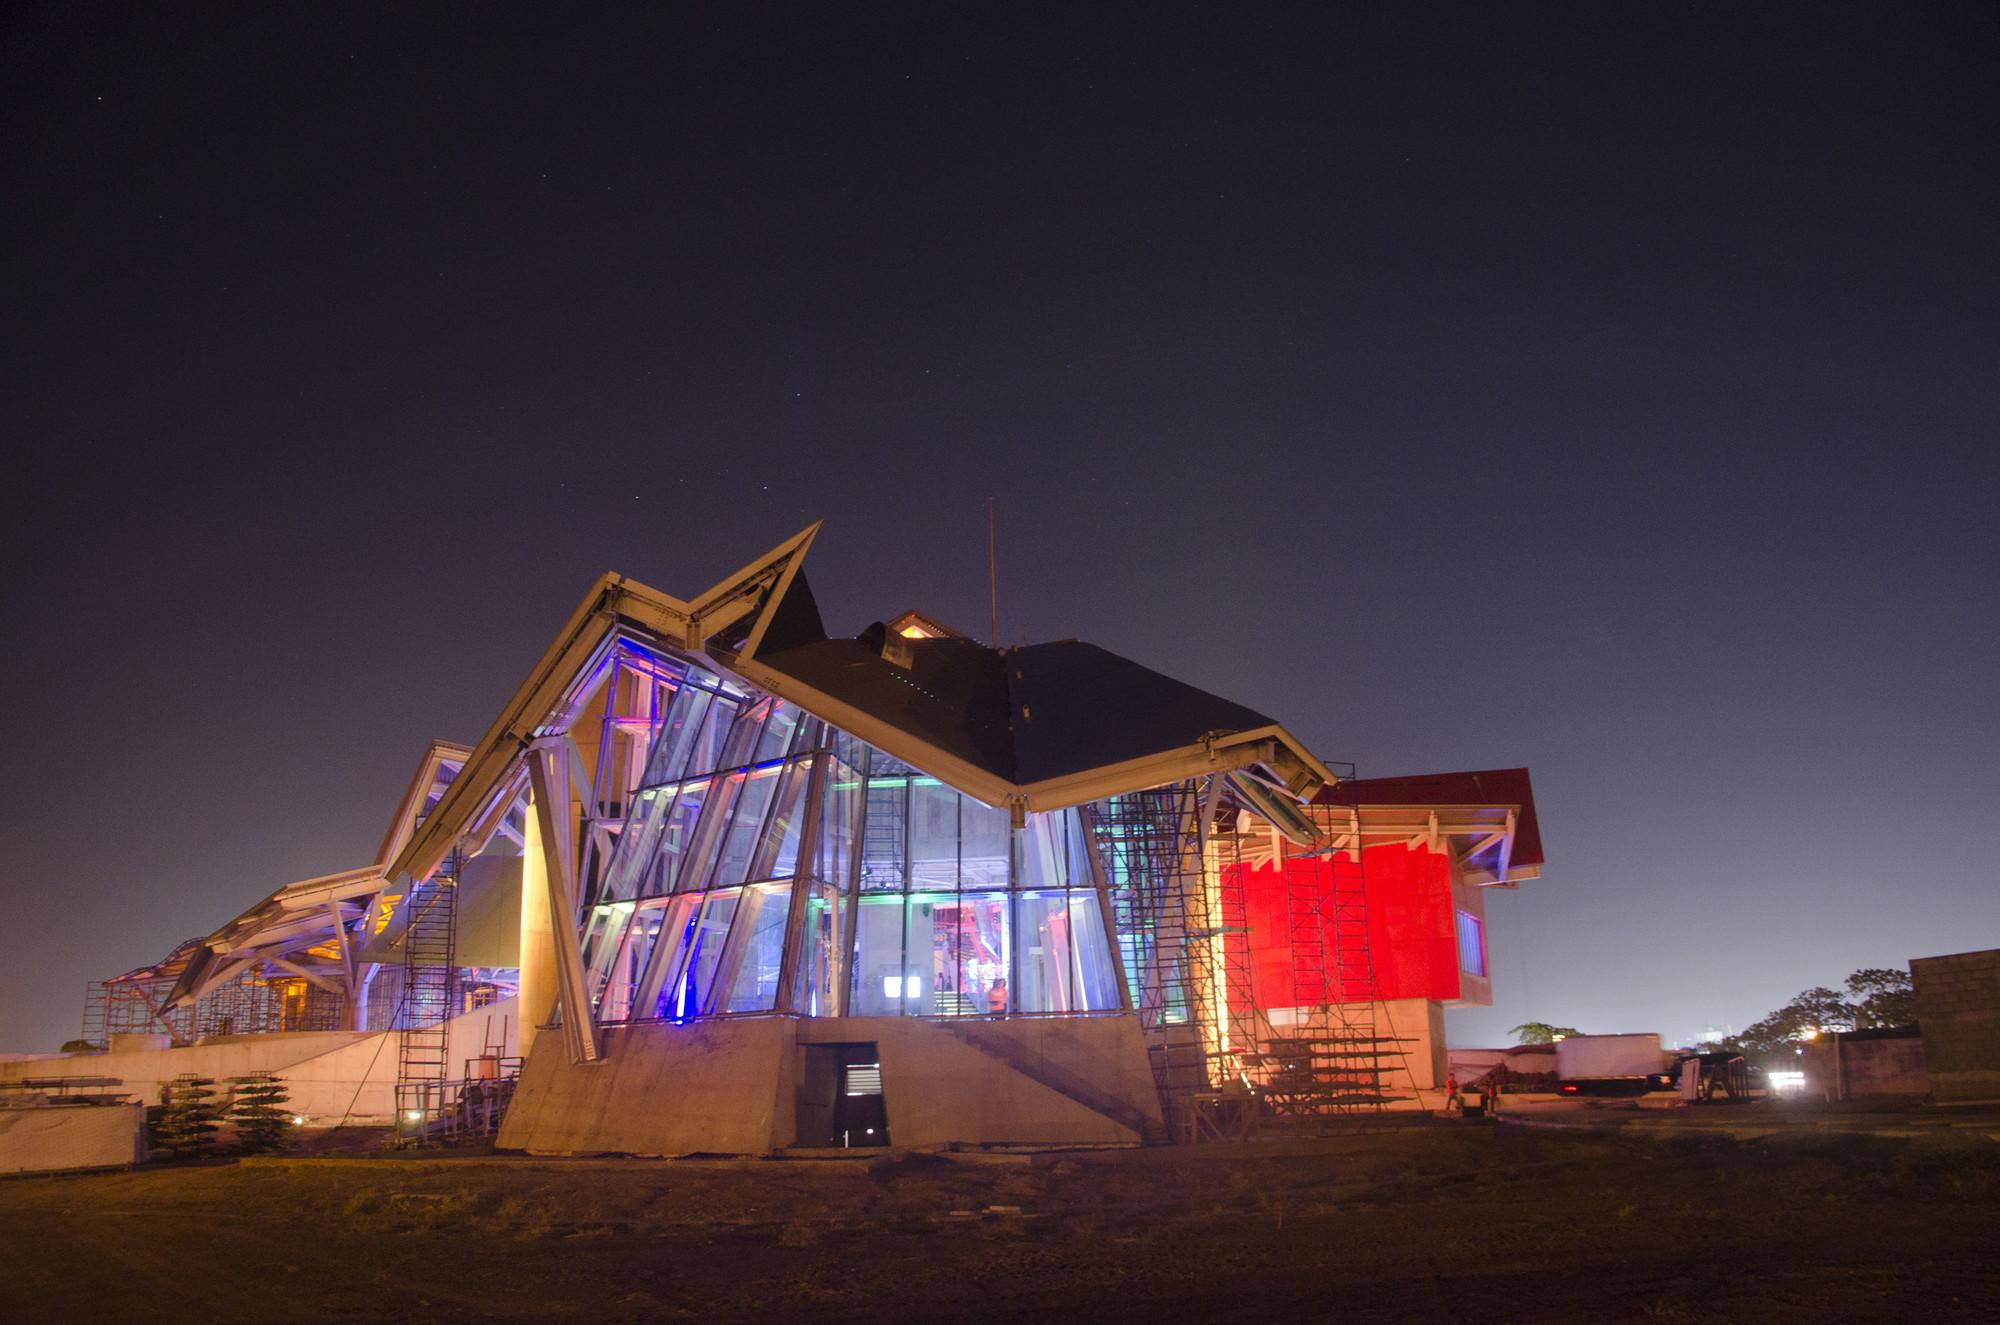 En Construcción Noticias: Nuevas Imágenes del Biomuseo de Frank Gehry, Cortesia de Victoria Murillo/ Istmophoto.com / Biomuseo